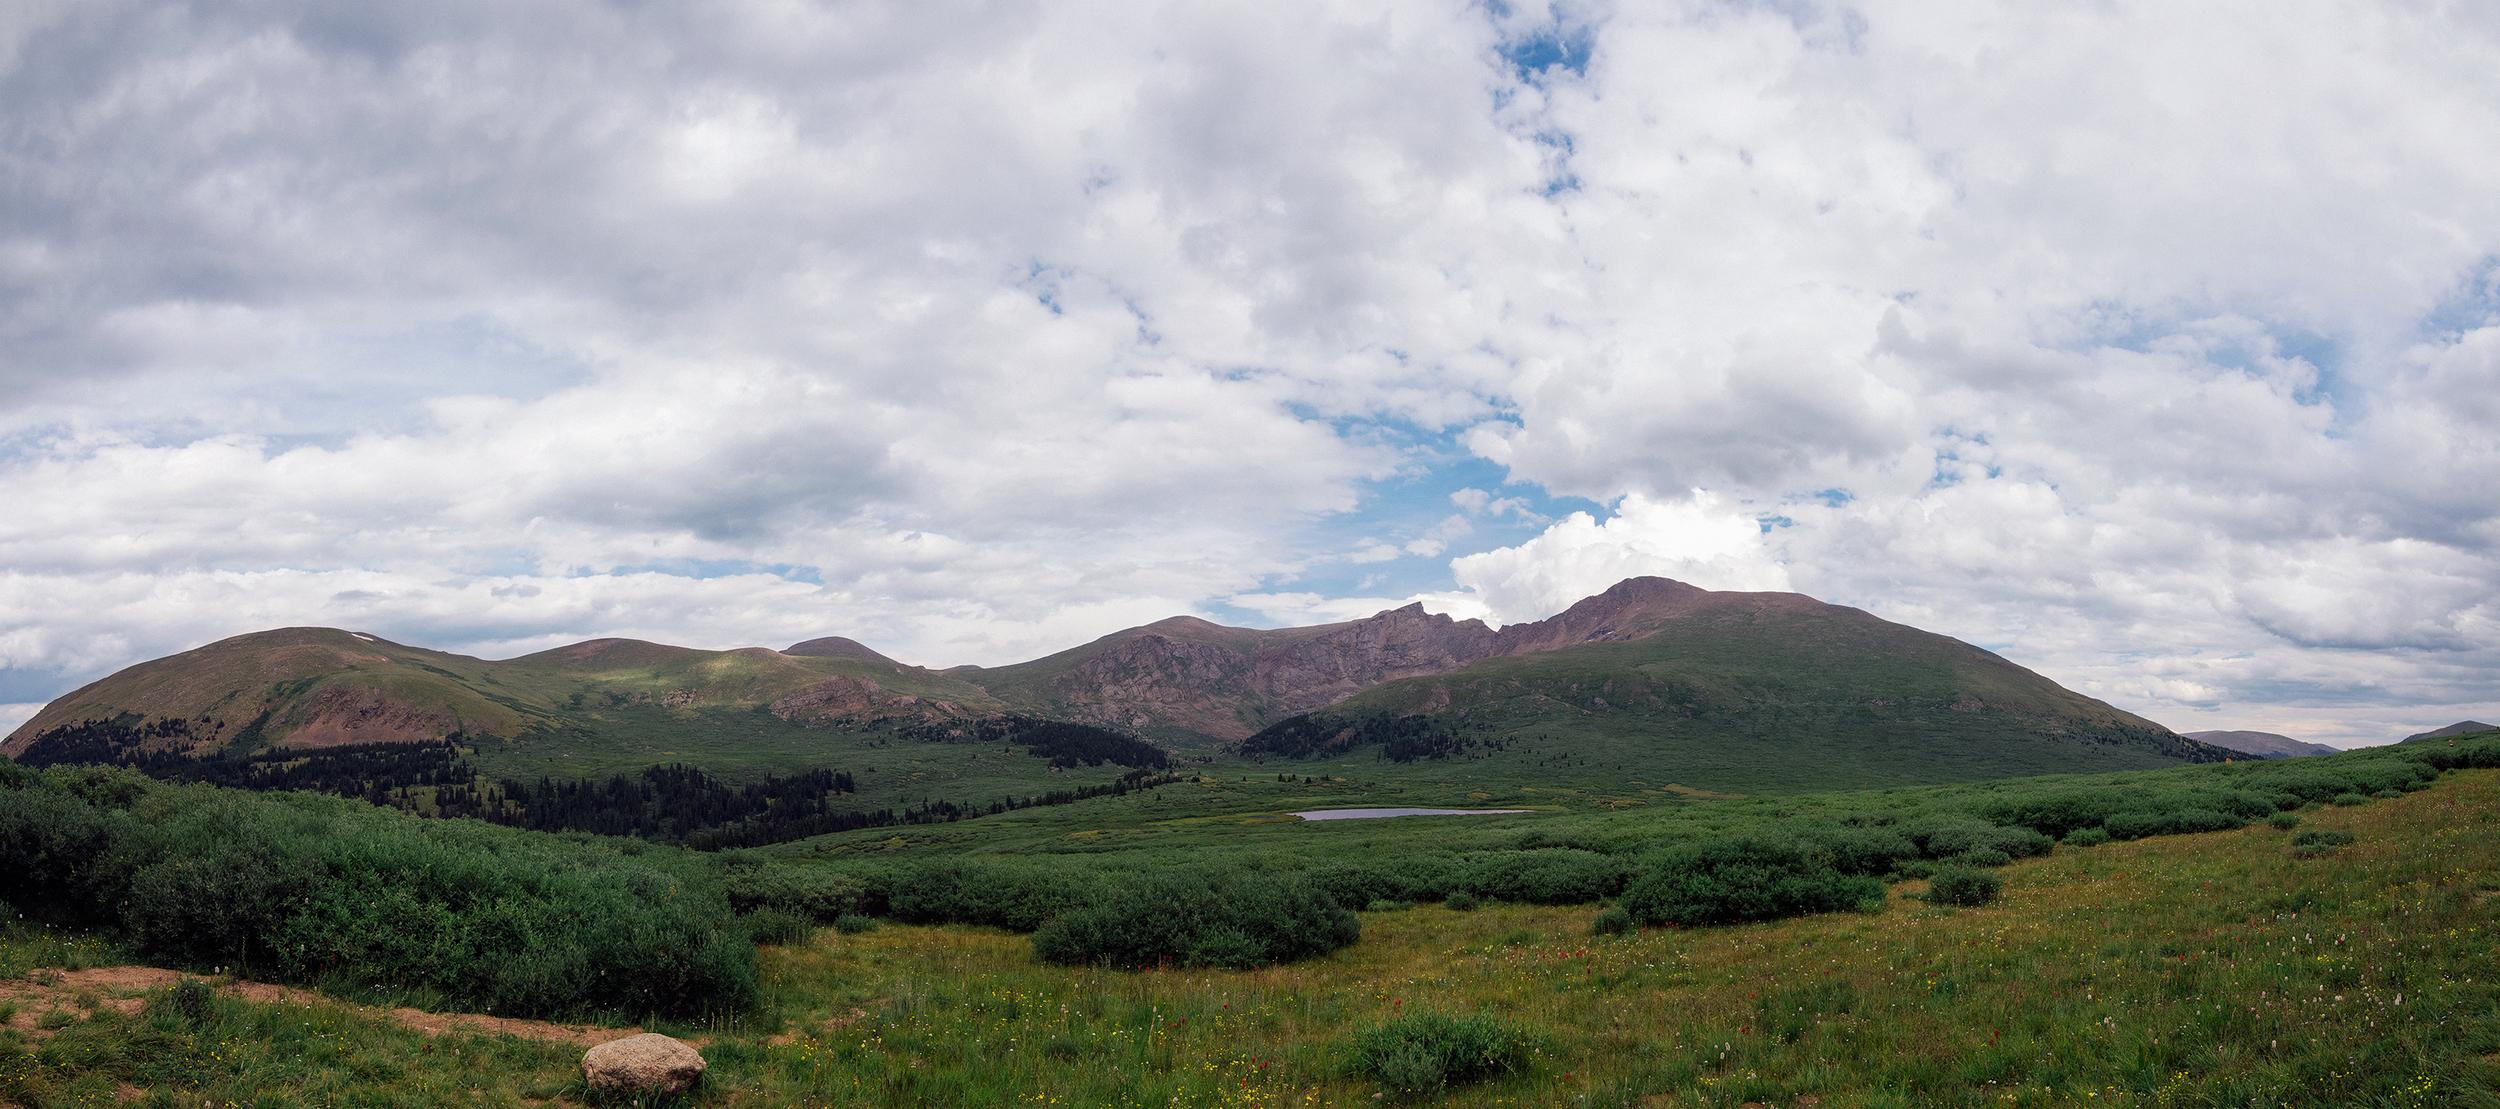 Mount Bierstadt Panorama